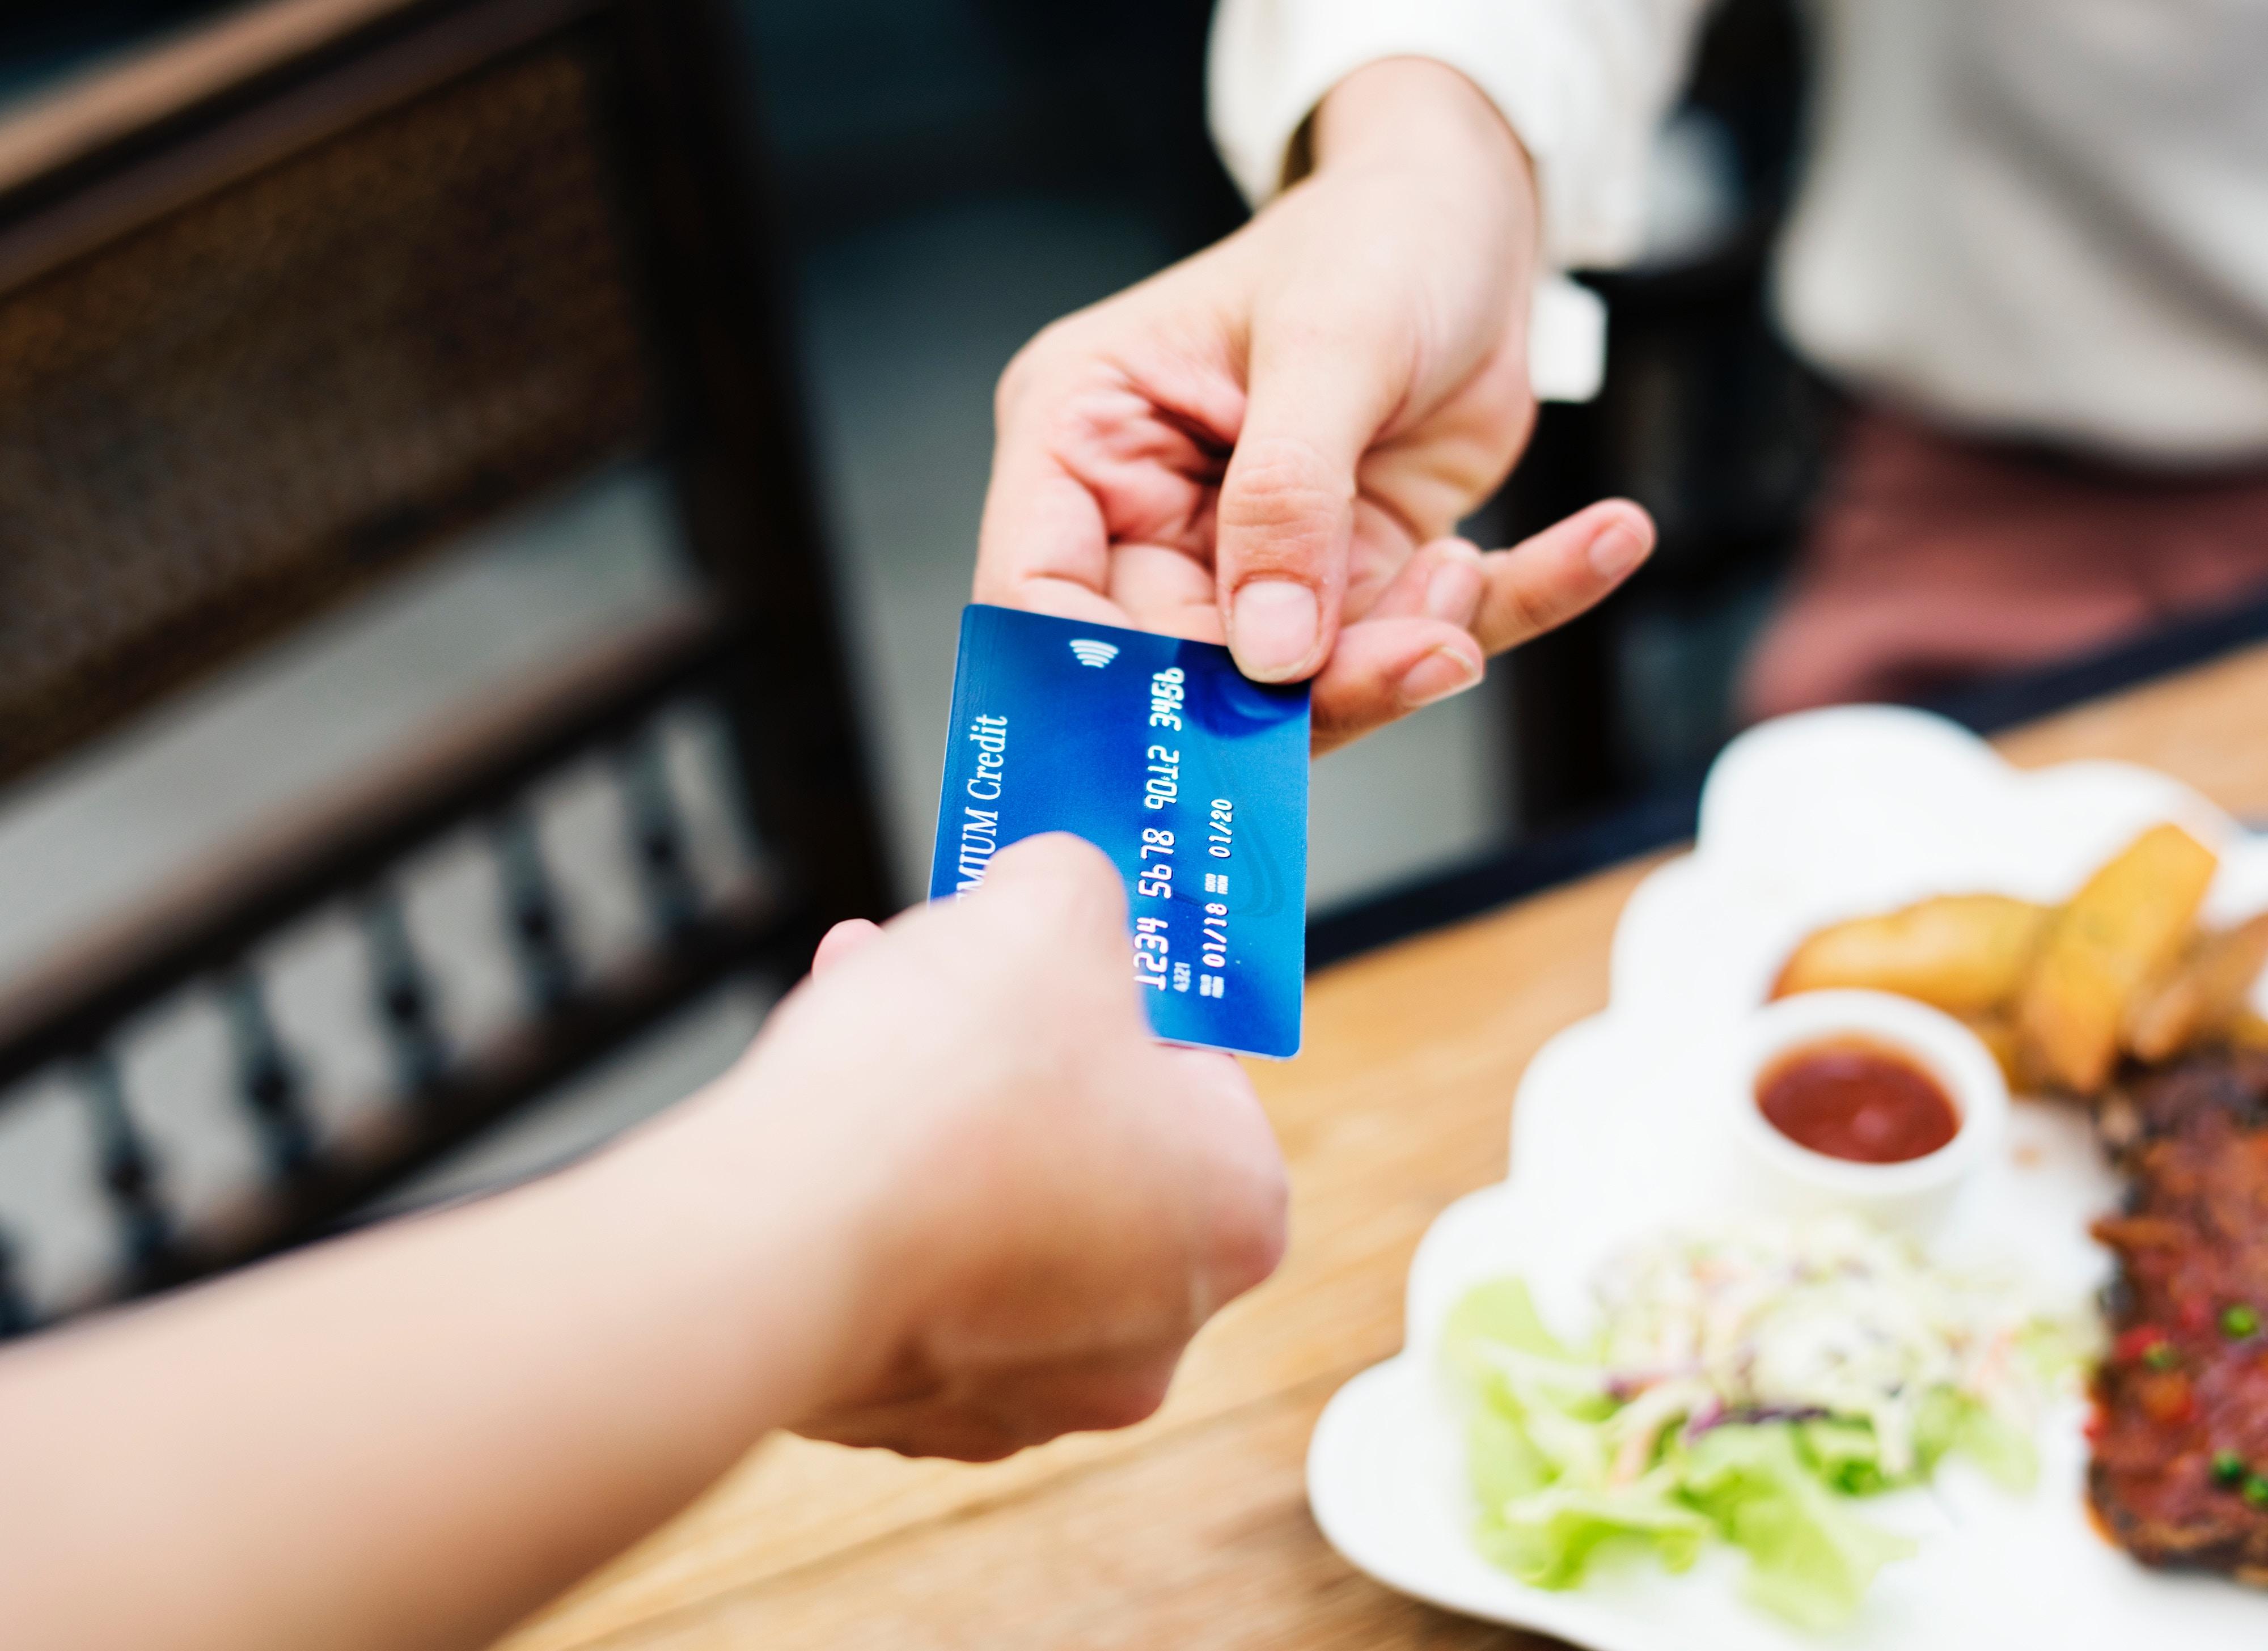 Comissões bancárias: como pagar menos?